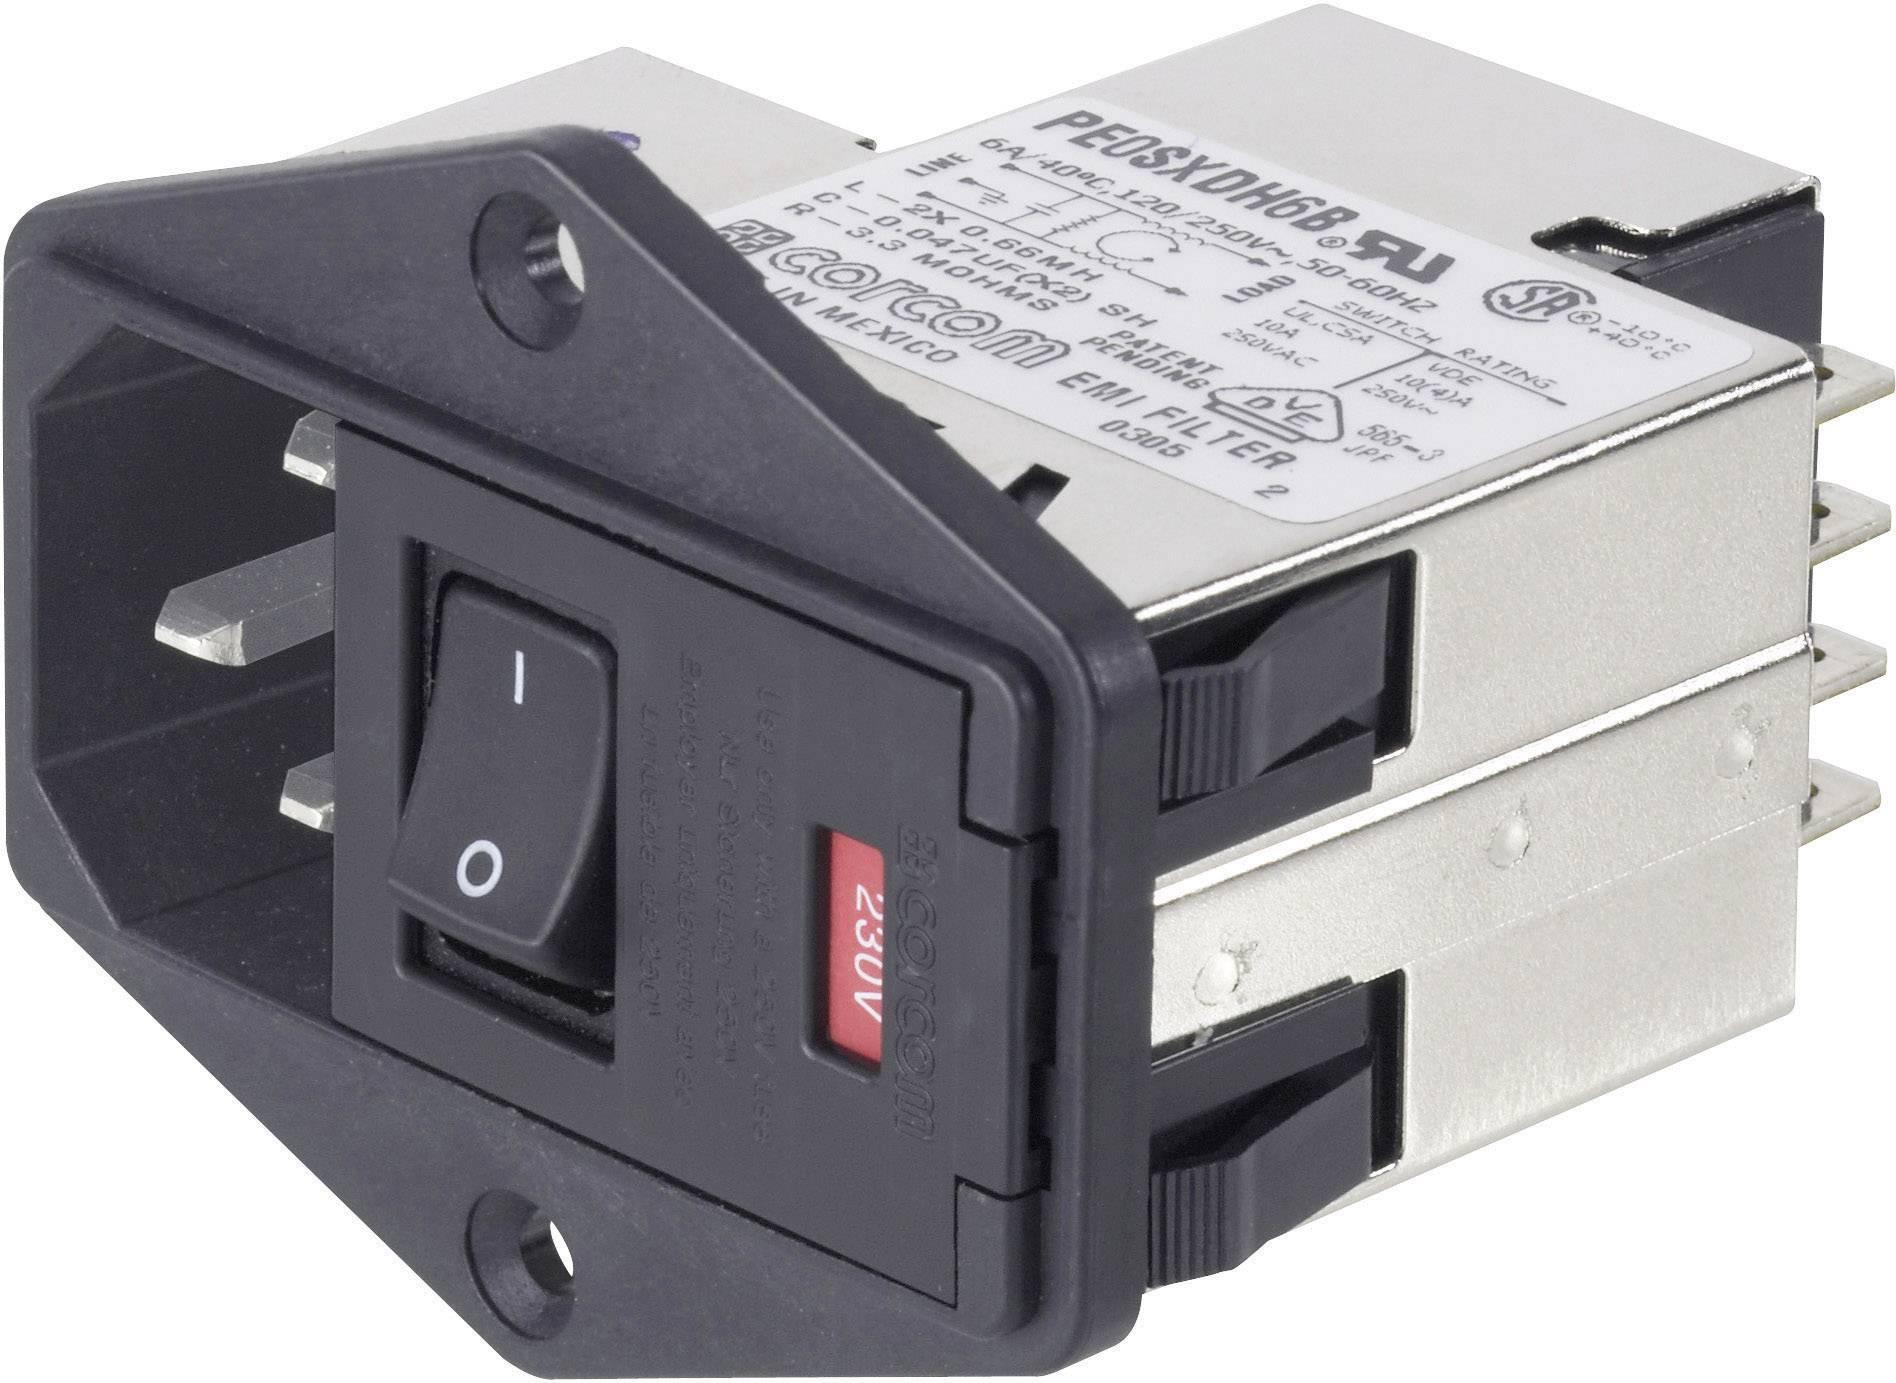 Sieťový filter TE Connectivity PE00XDS3B=C2352 3-6609930-8, s dvoma poistkami, s IEC zásuvkou, 250 V/AC, 3 A, 1 ks